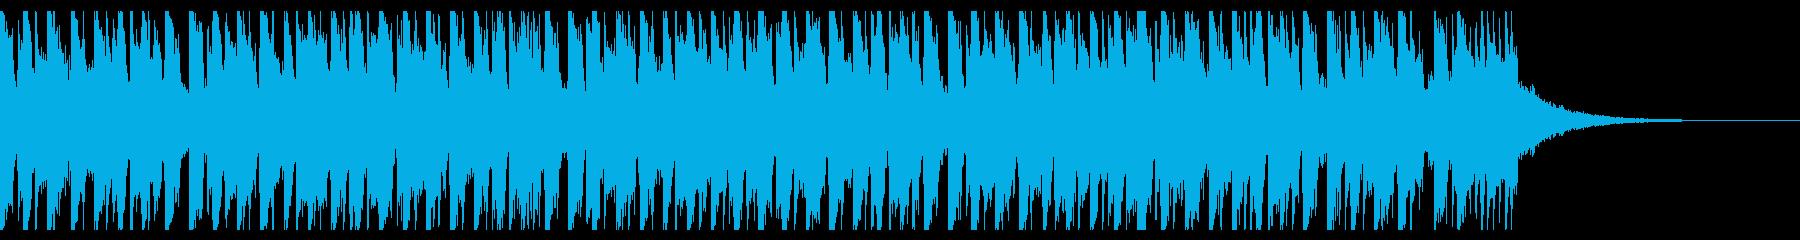 ダンスミュージック(ショート3)の再生済みの波形